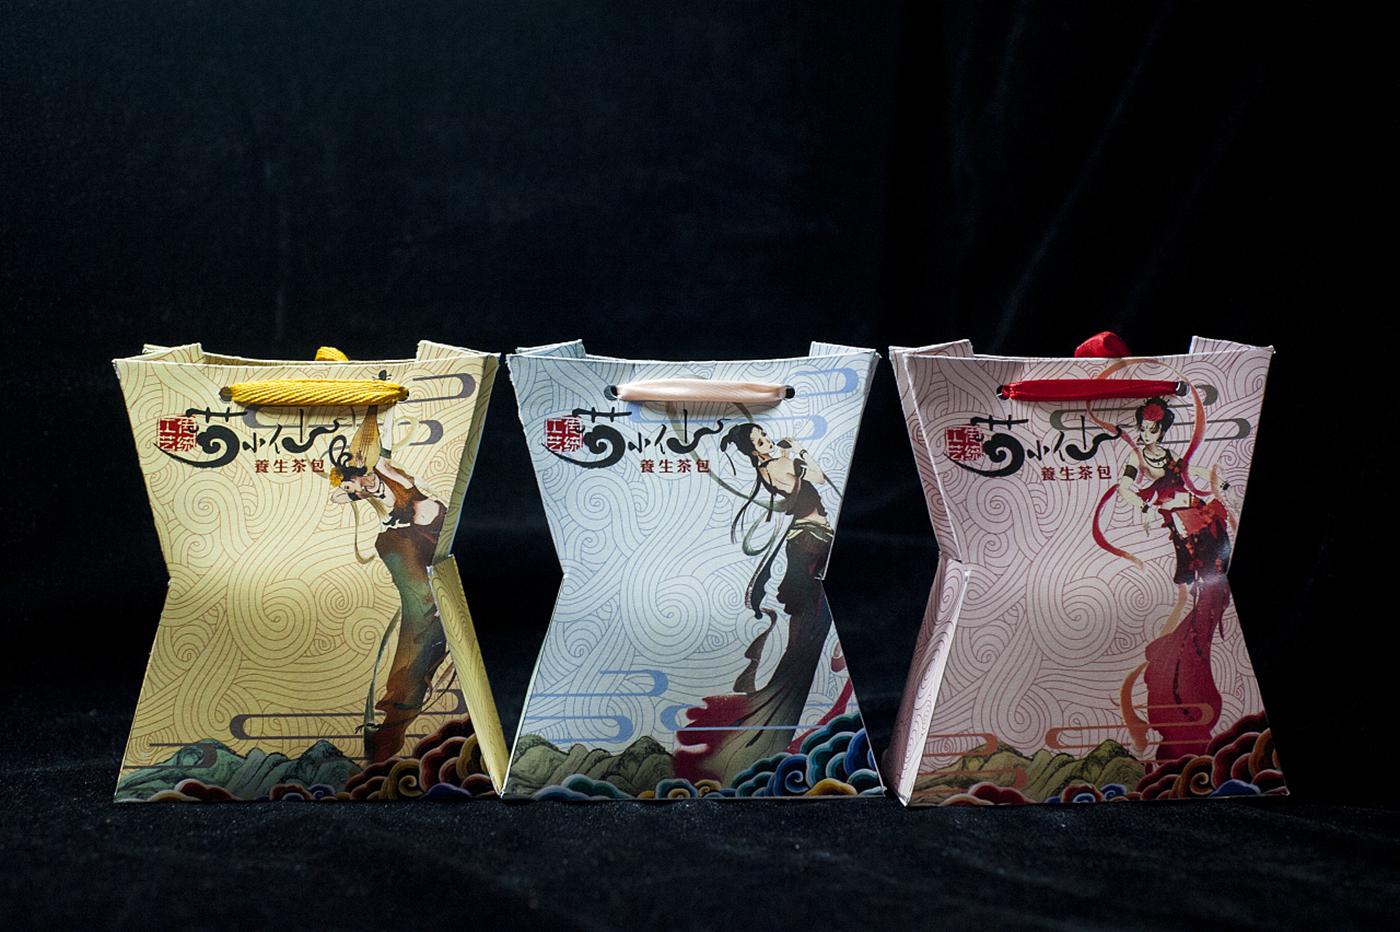 菊小仙茶包装设计-养生茶包装设计